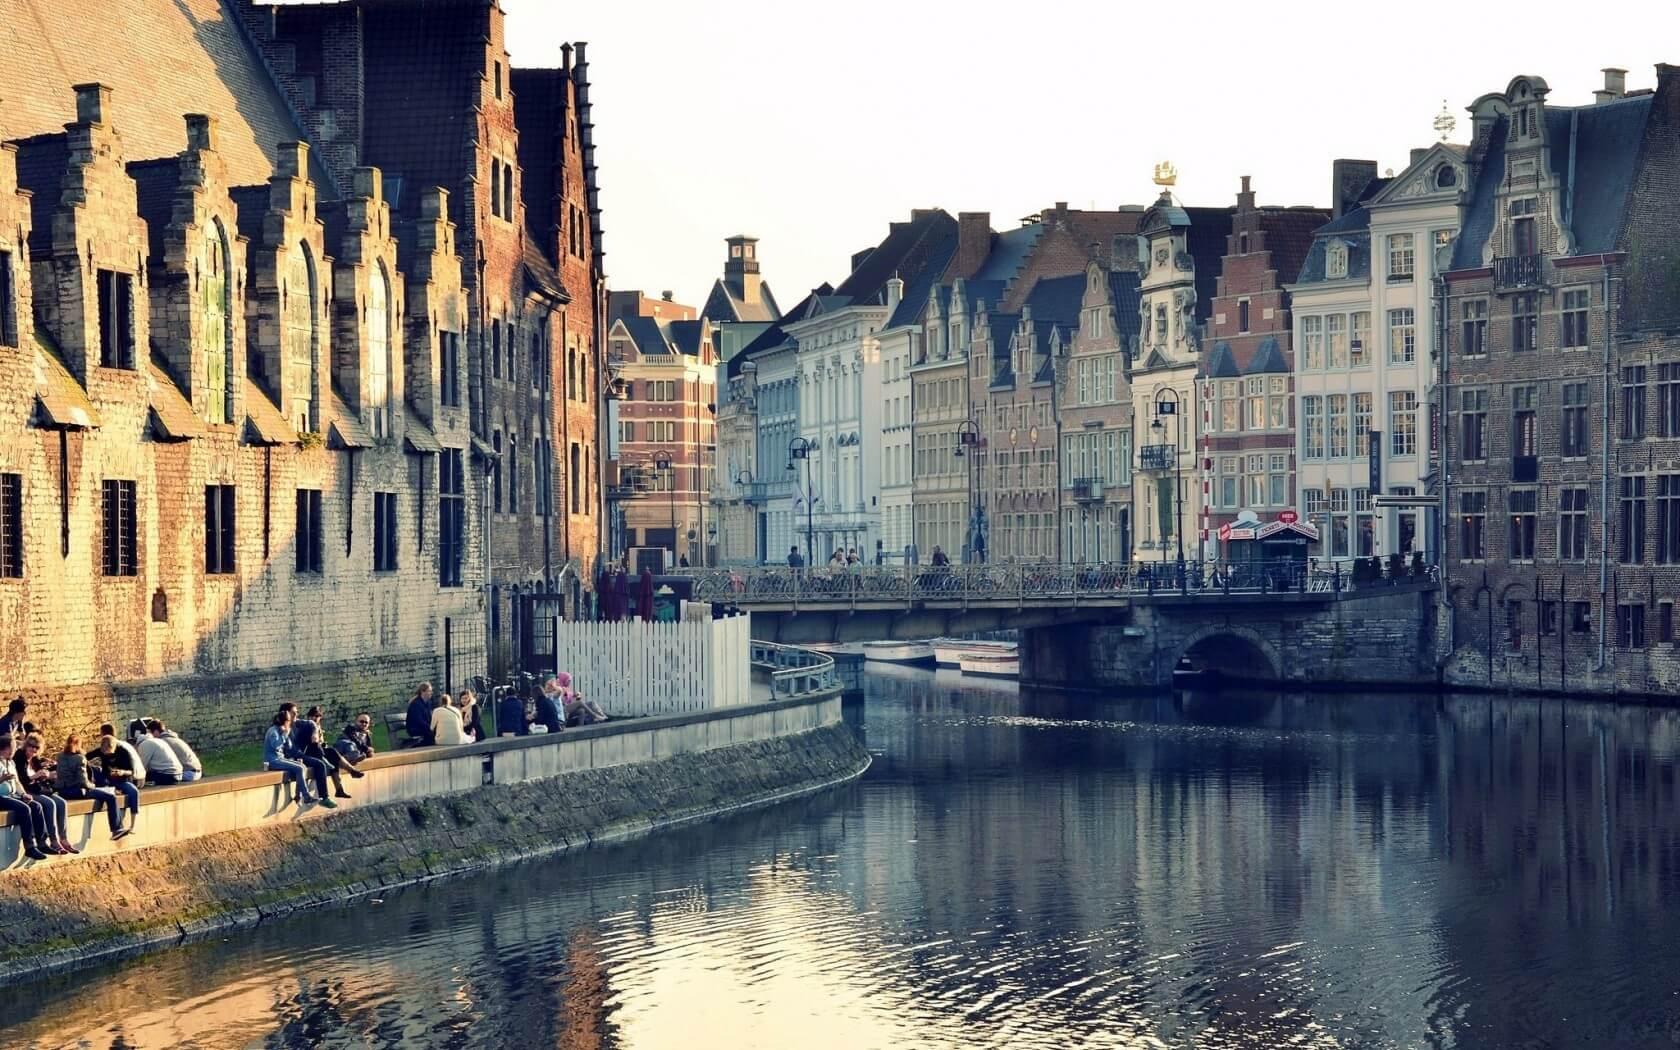 Гент столица - Фландри, территориальной единицы Бельгии